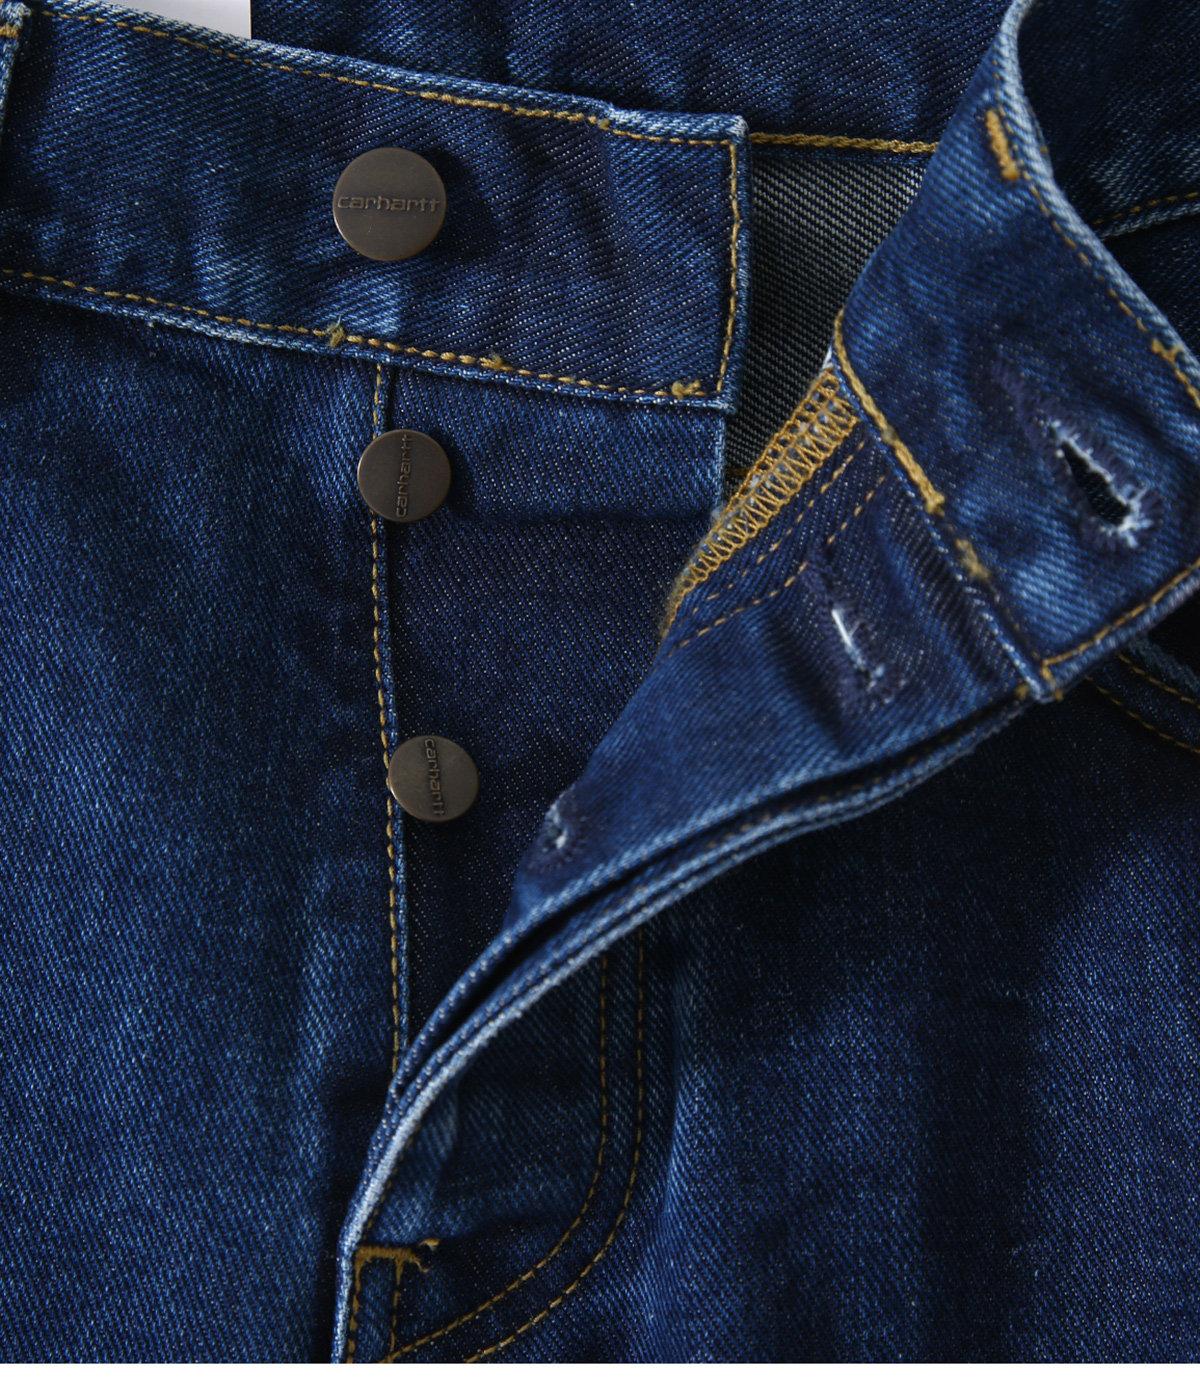 NEWEL PANT -Blue stone washed-